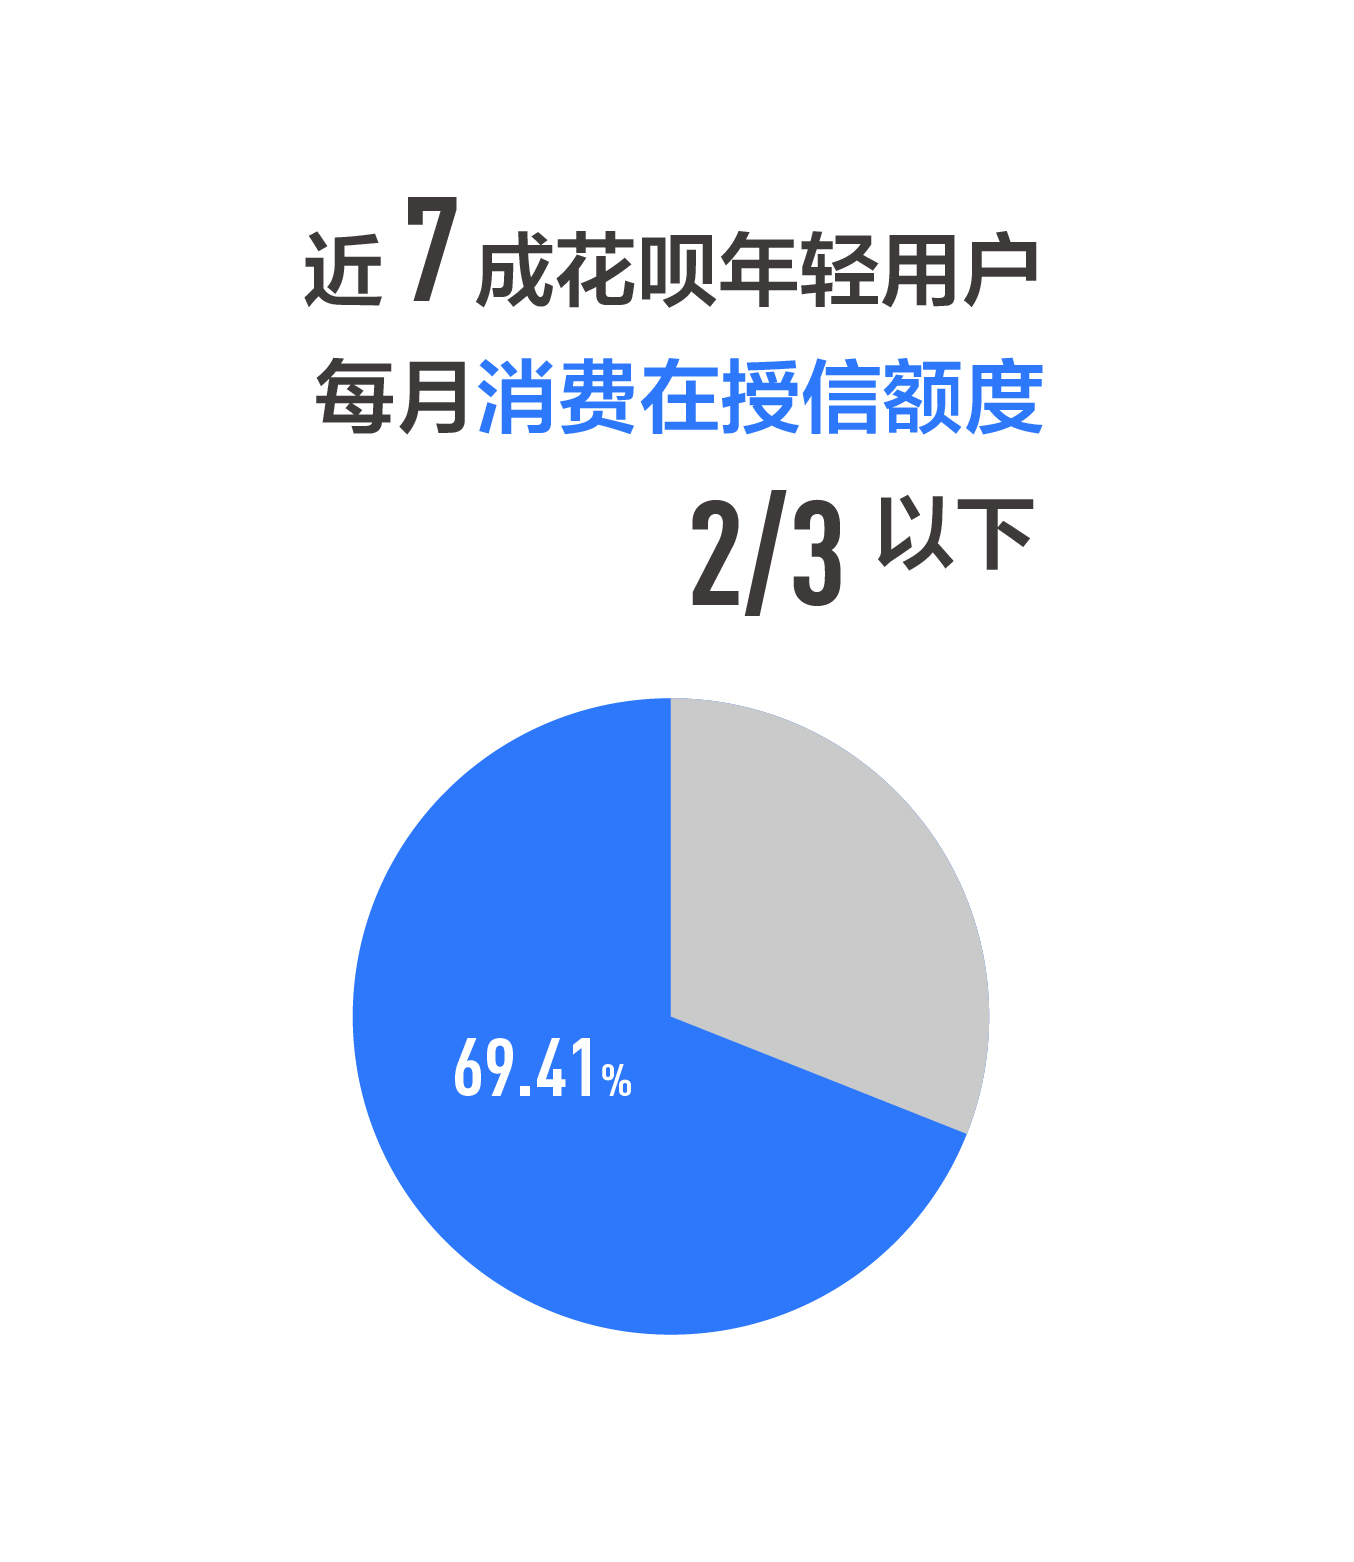 图1:近七成花呗年轻用户每月消费在授信额度三分之二以下